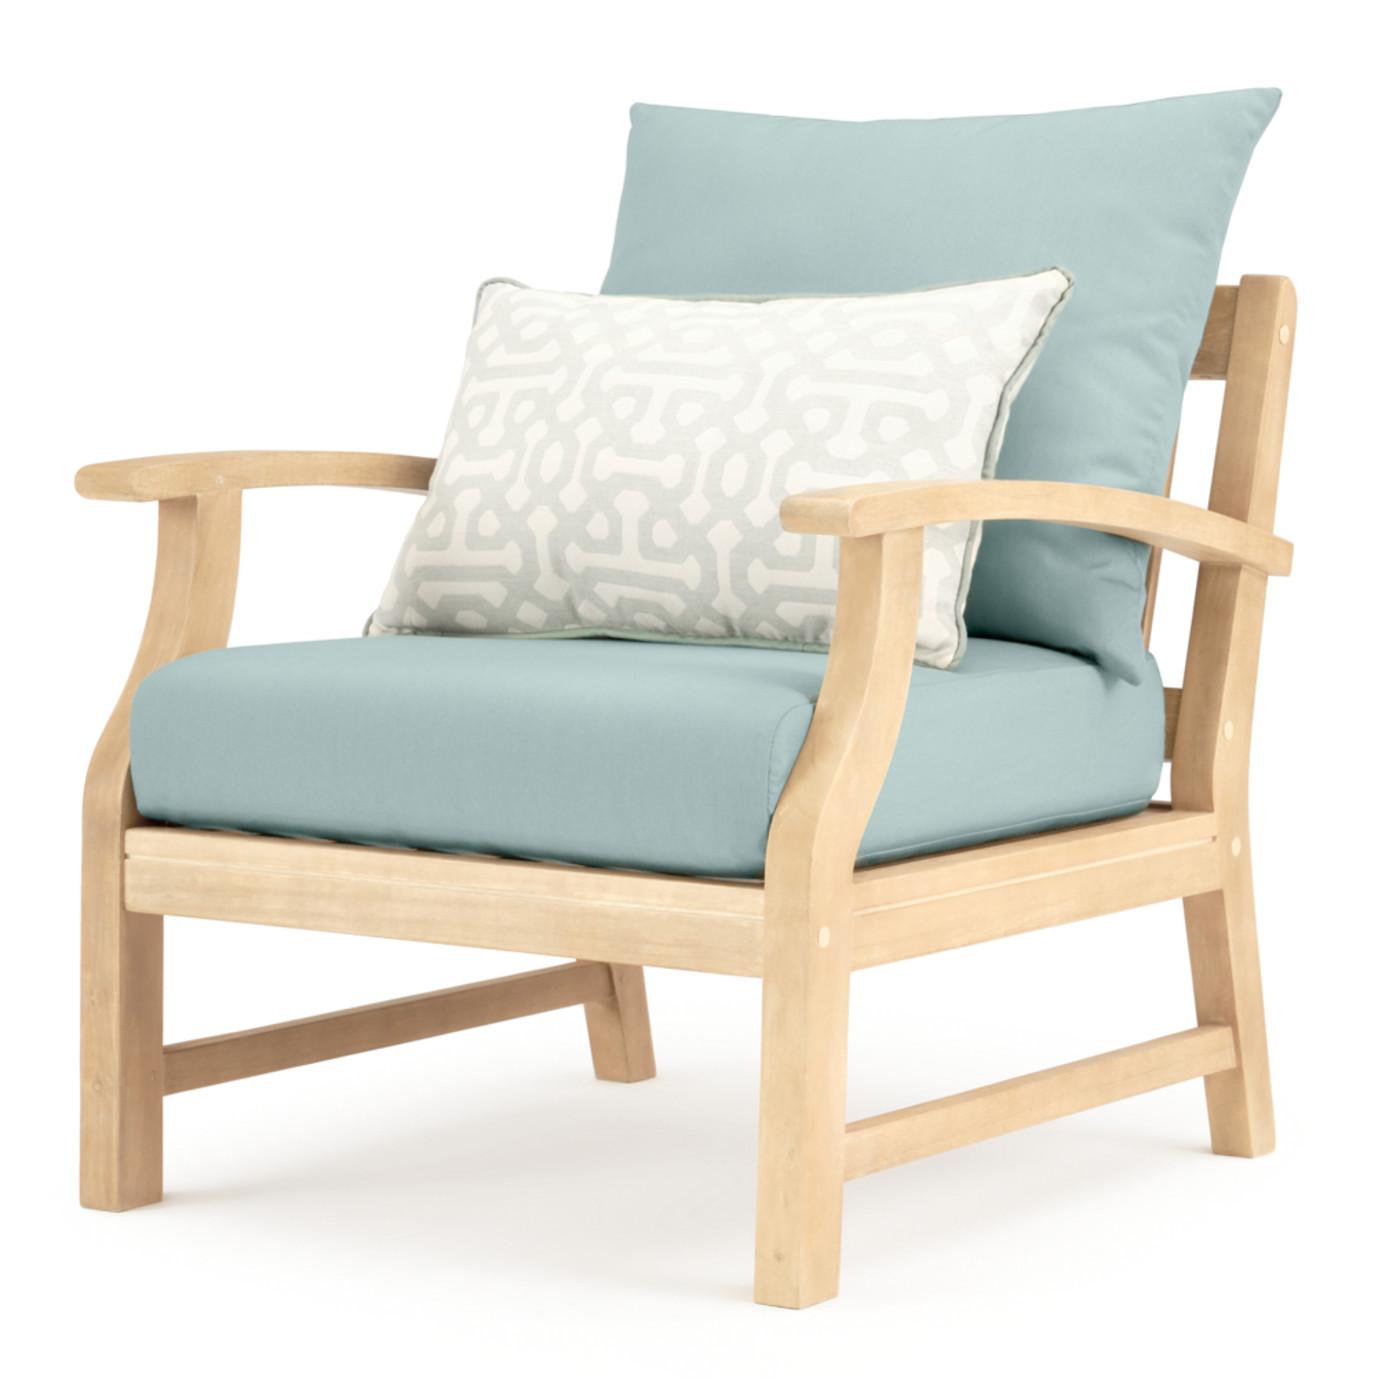 Kooper 4pc Outdoor Sofa & Club Chair Set - Spa Blue